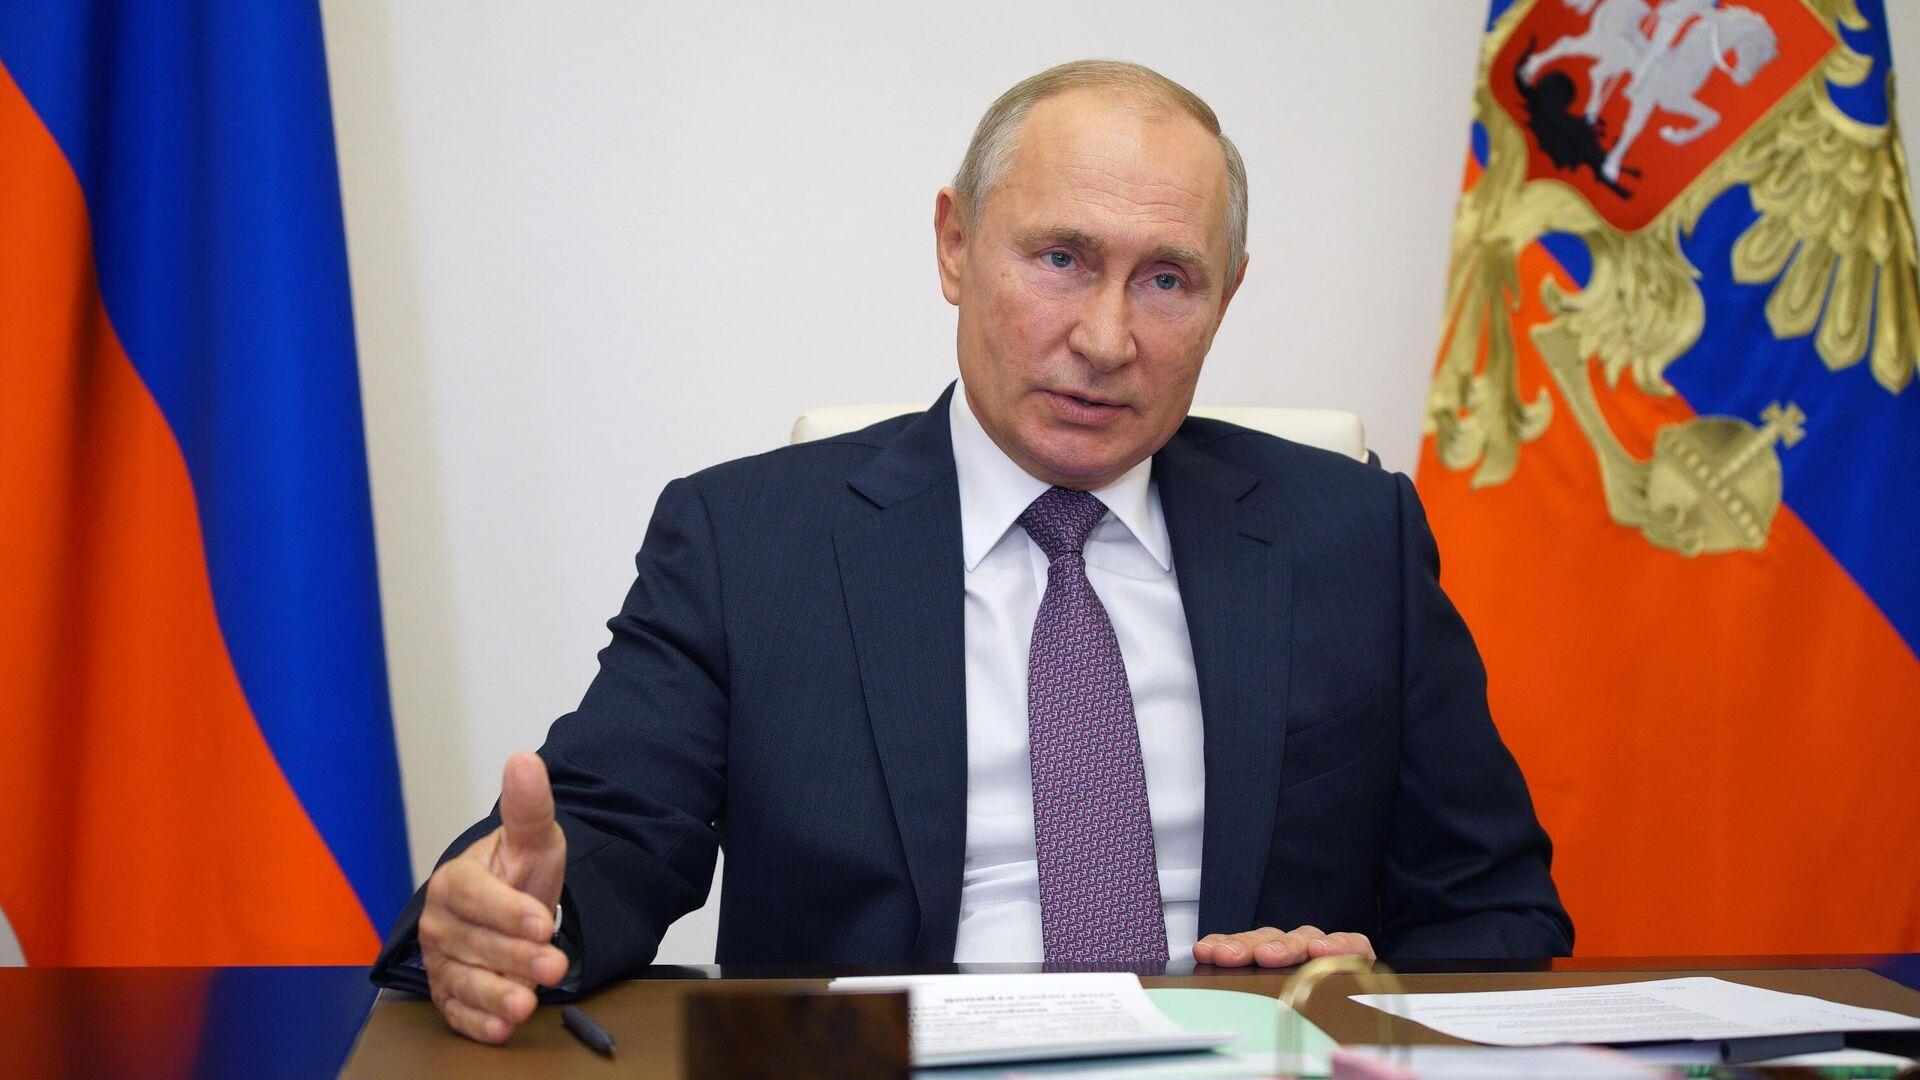 1578431686 0:260:3024:1962 1920x0 80 0 0 c2d1c71de4b216b3c71fa0df7cec7888 - Путин рассказал о налаживании производства вакцины от COVID-19